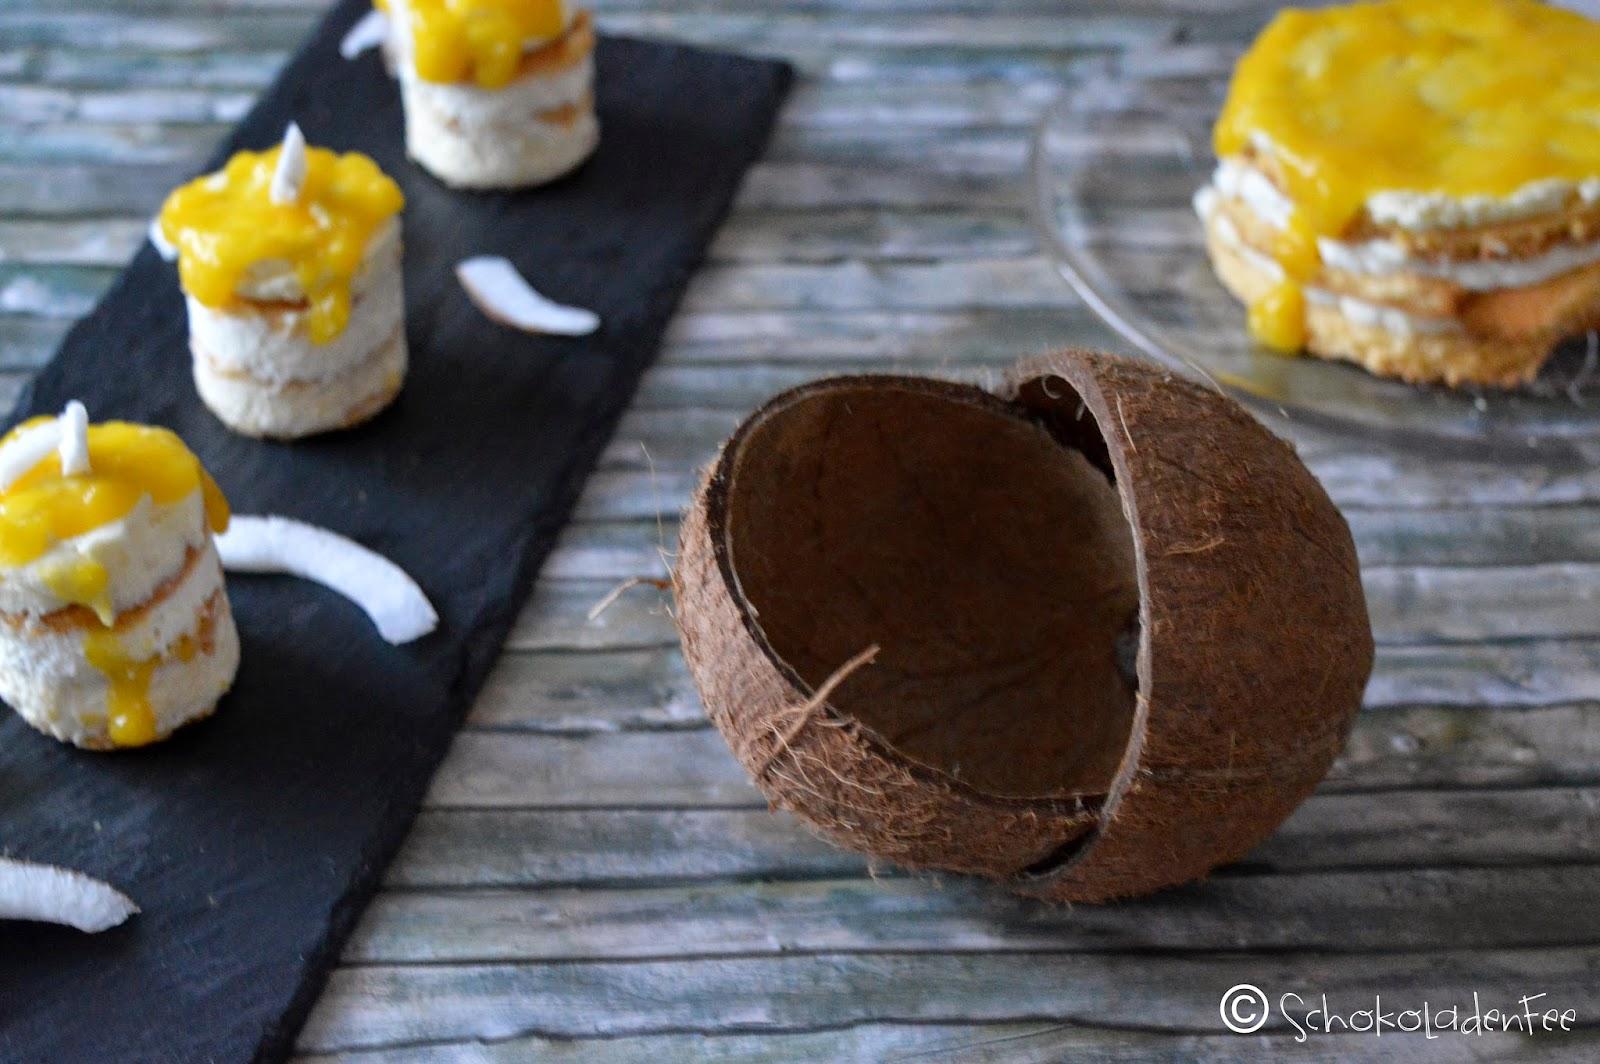 http://schokoladen-fee.blogspot.de/2015/03/exotische-tortchen.html